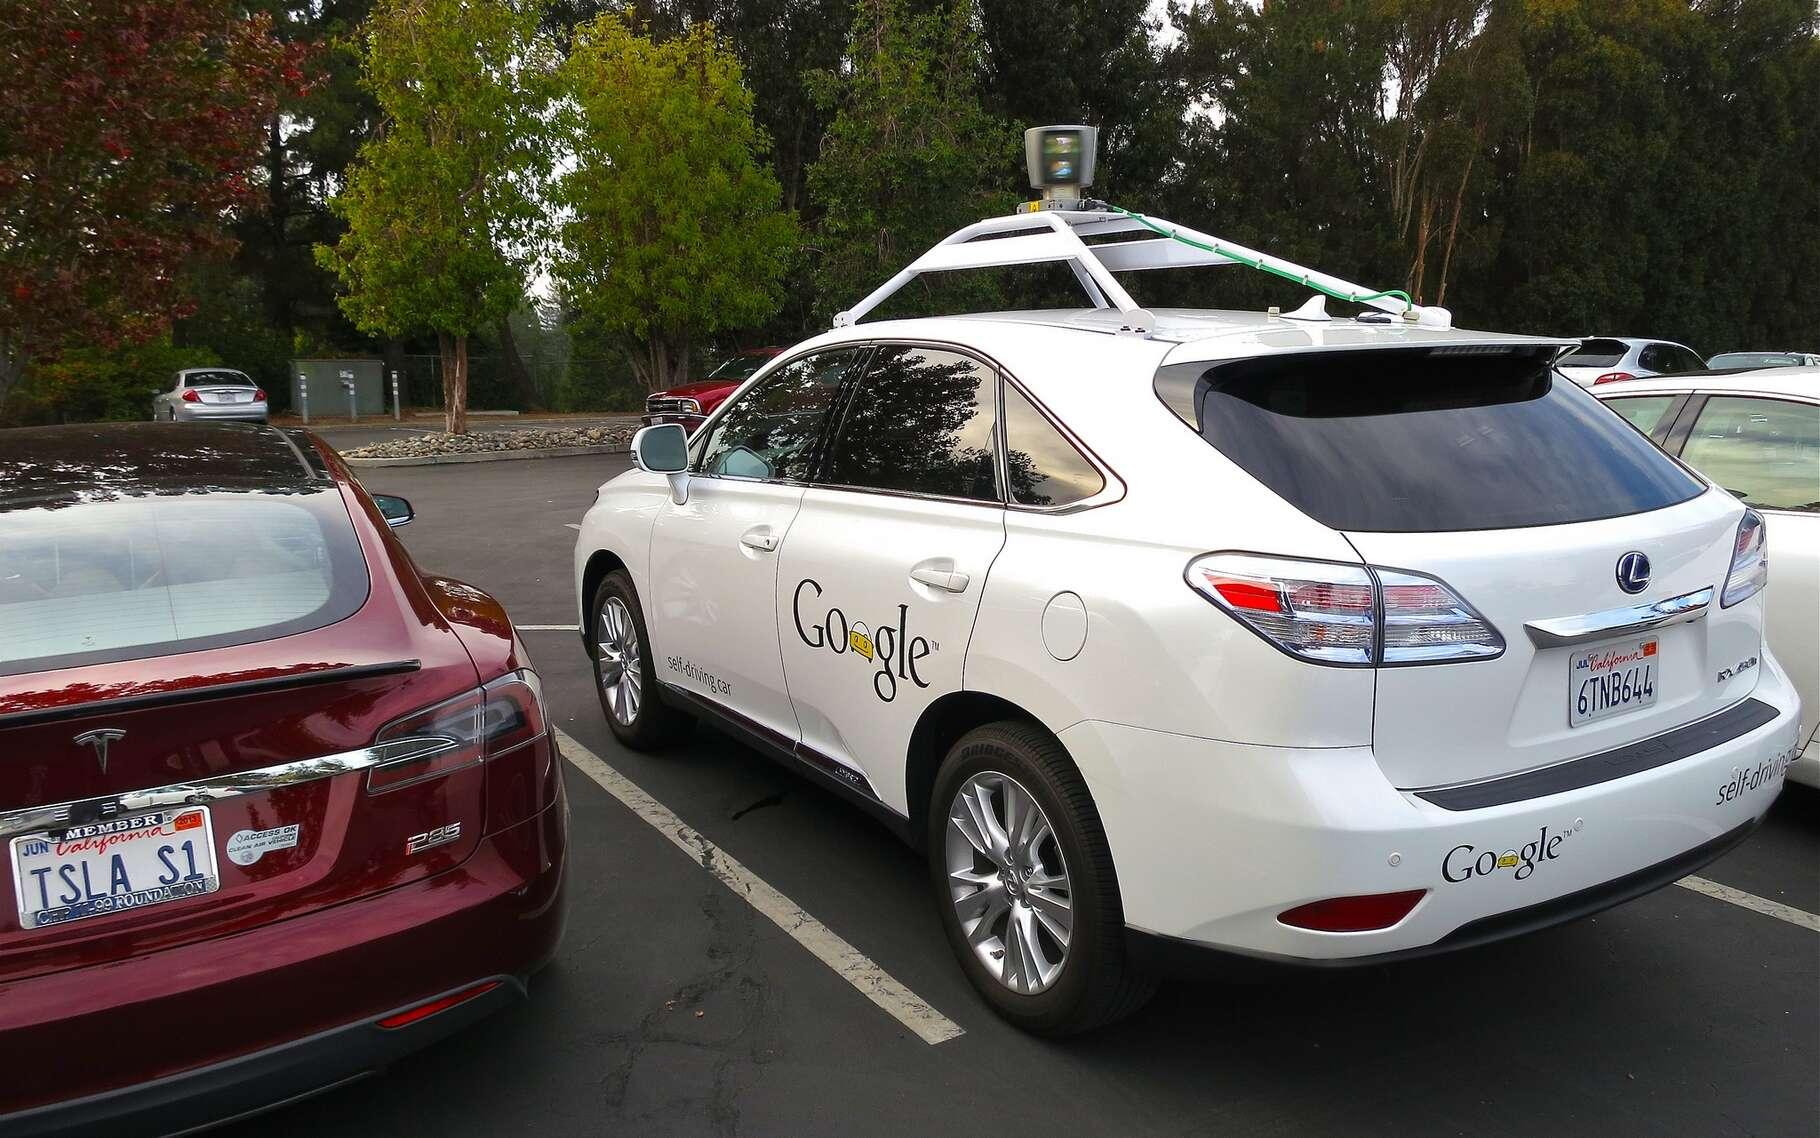 Après sept ans et plusieurs millions de kilomètres, les voitures autonomes de Google ont démontré une impressionnante fiabilité avec seulement quelques accidents dont la cause ne leur était pas imputable. Mais une intelligence artificielle n'est pas infaillible et celle de la voiture de Google a commis sa première erreur de conduite. © Steve Jurvetson, Flickr, CC BY 2.0